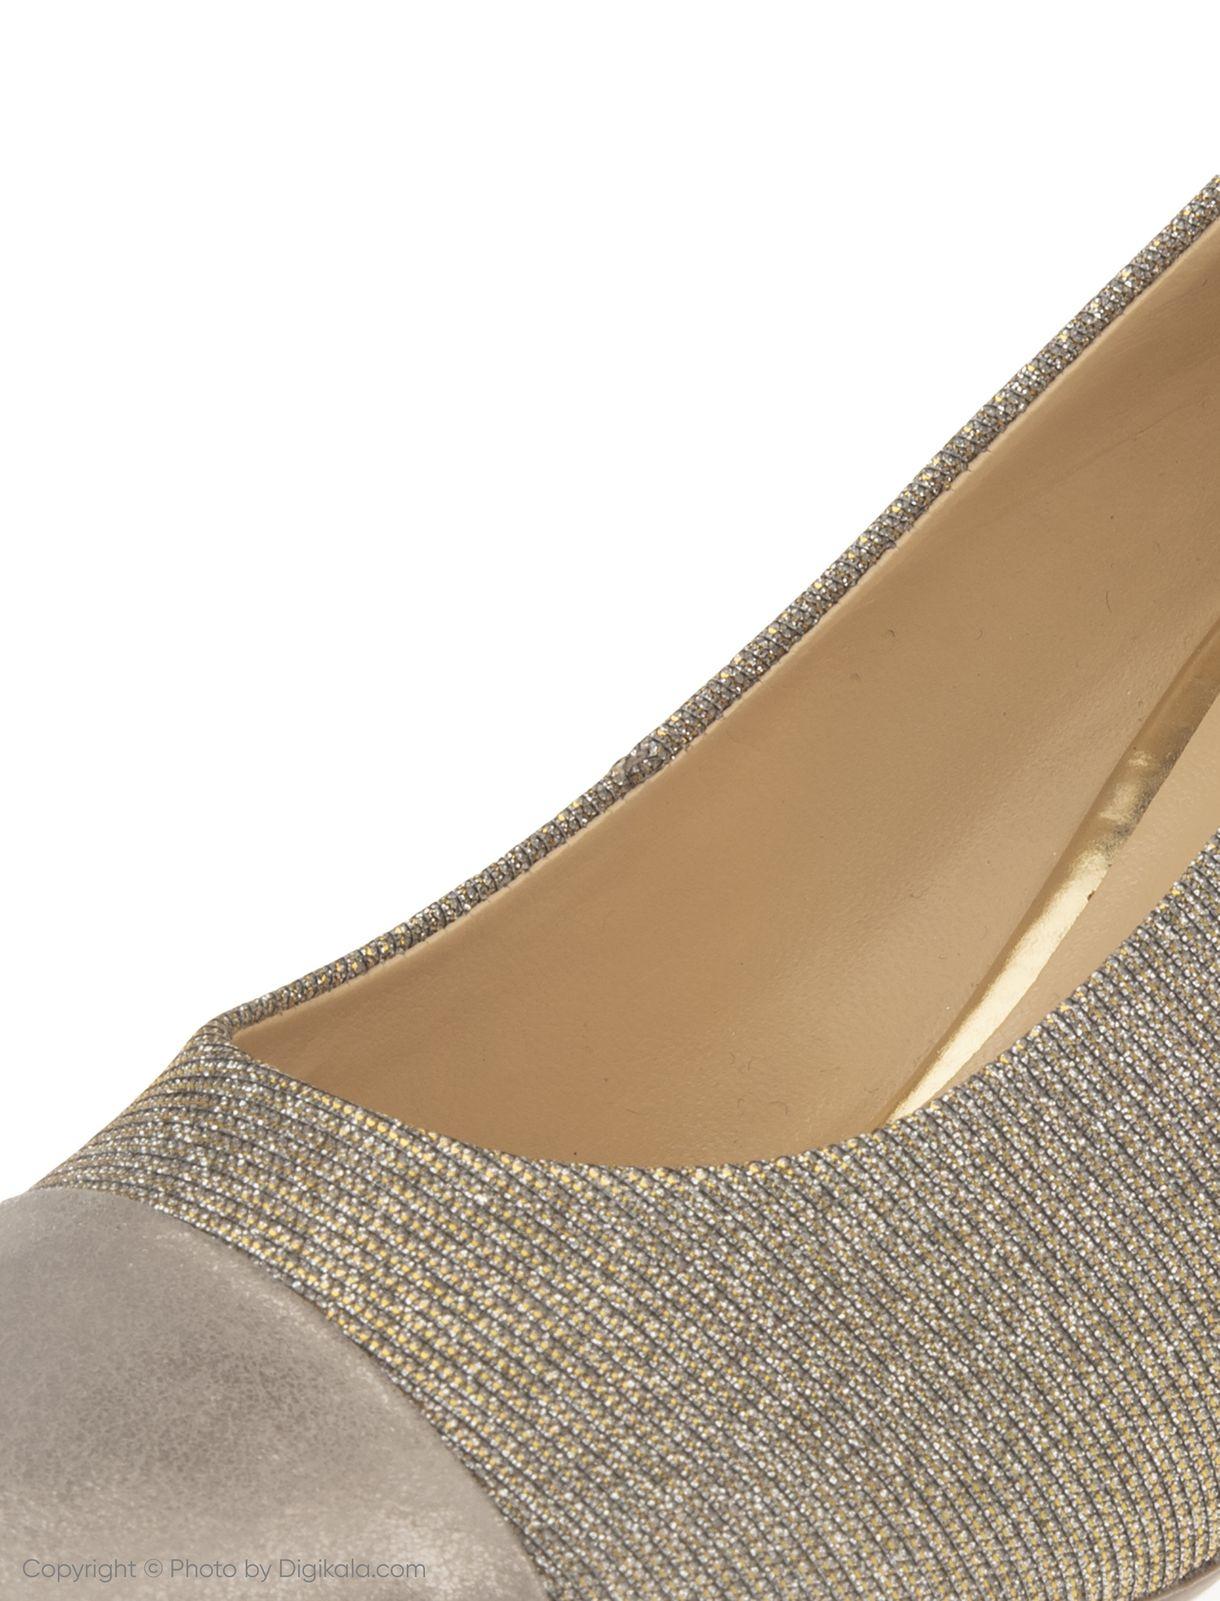 کفش زنانه گابور مدل 65.152.62 main 1 6